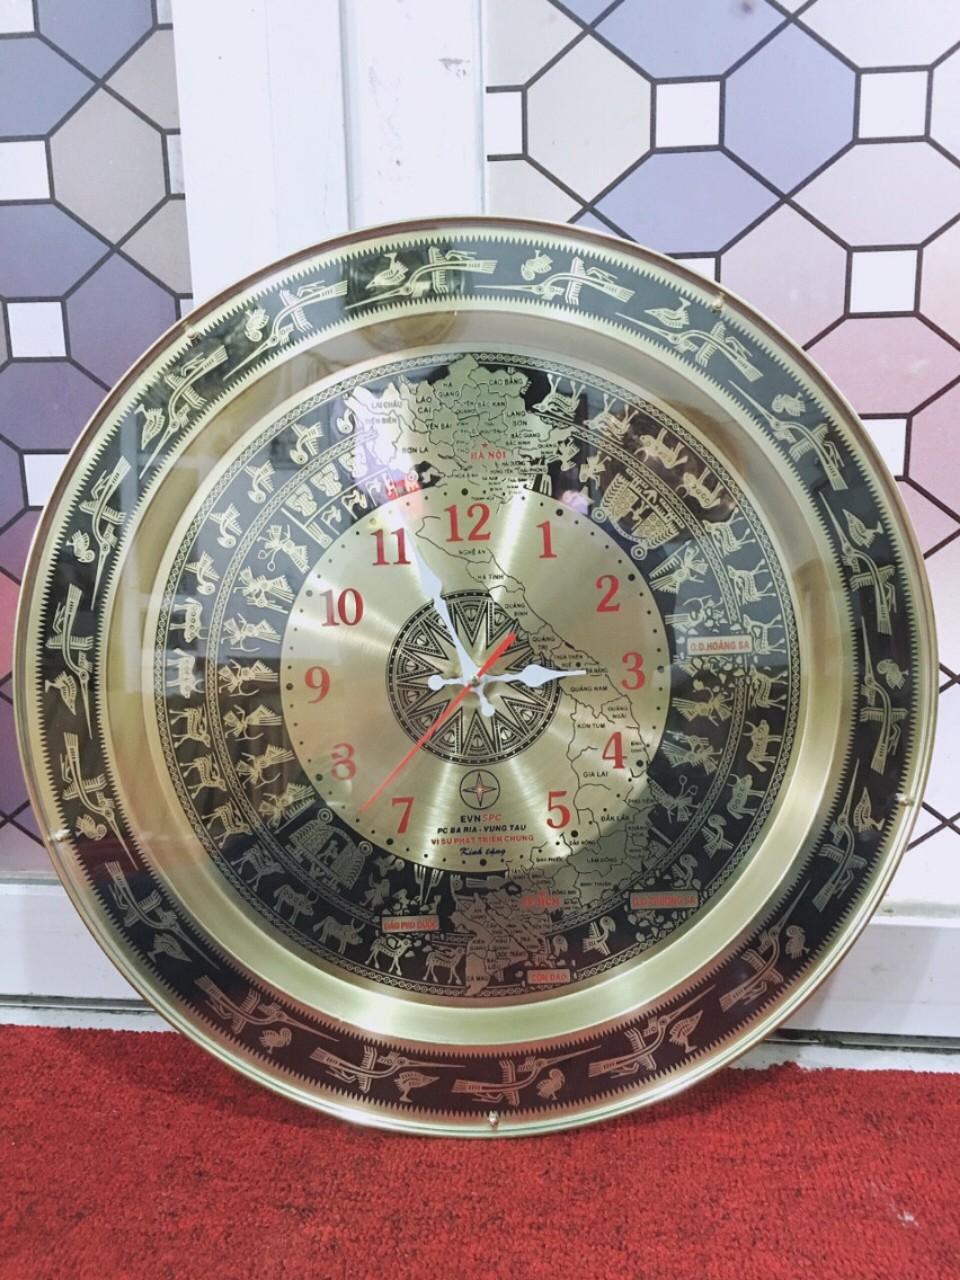 Đồng hồ mặt trống đồng làm quà tặng ý nghĩa